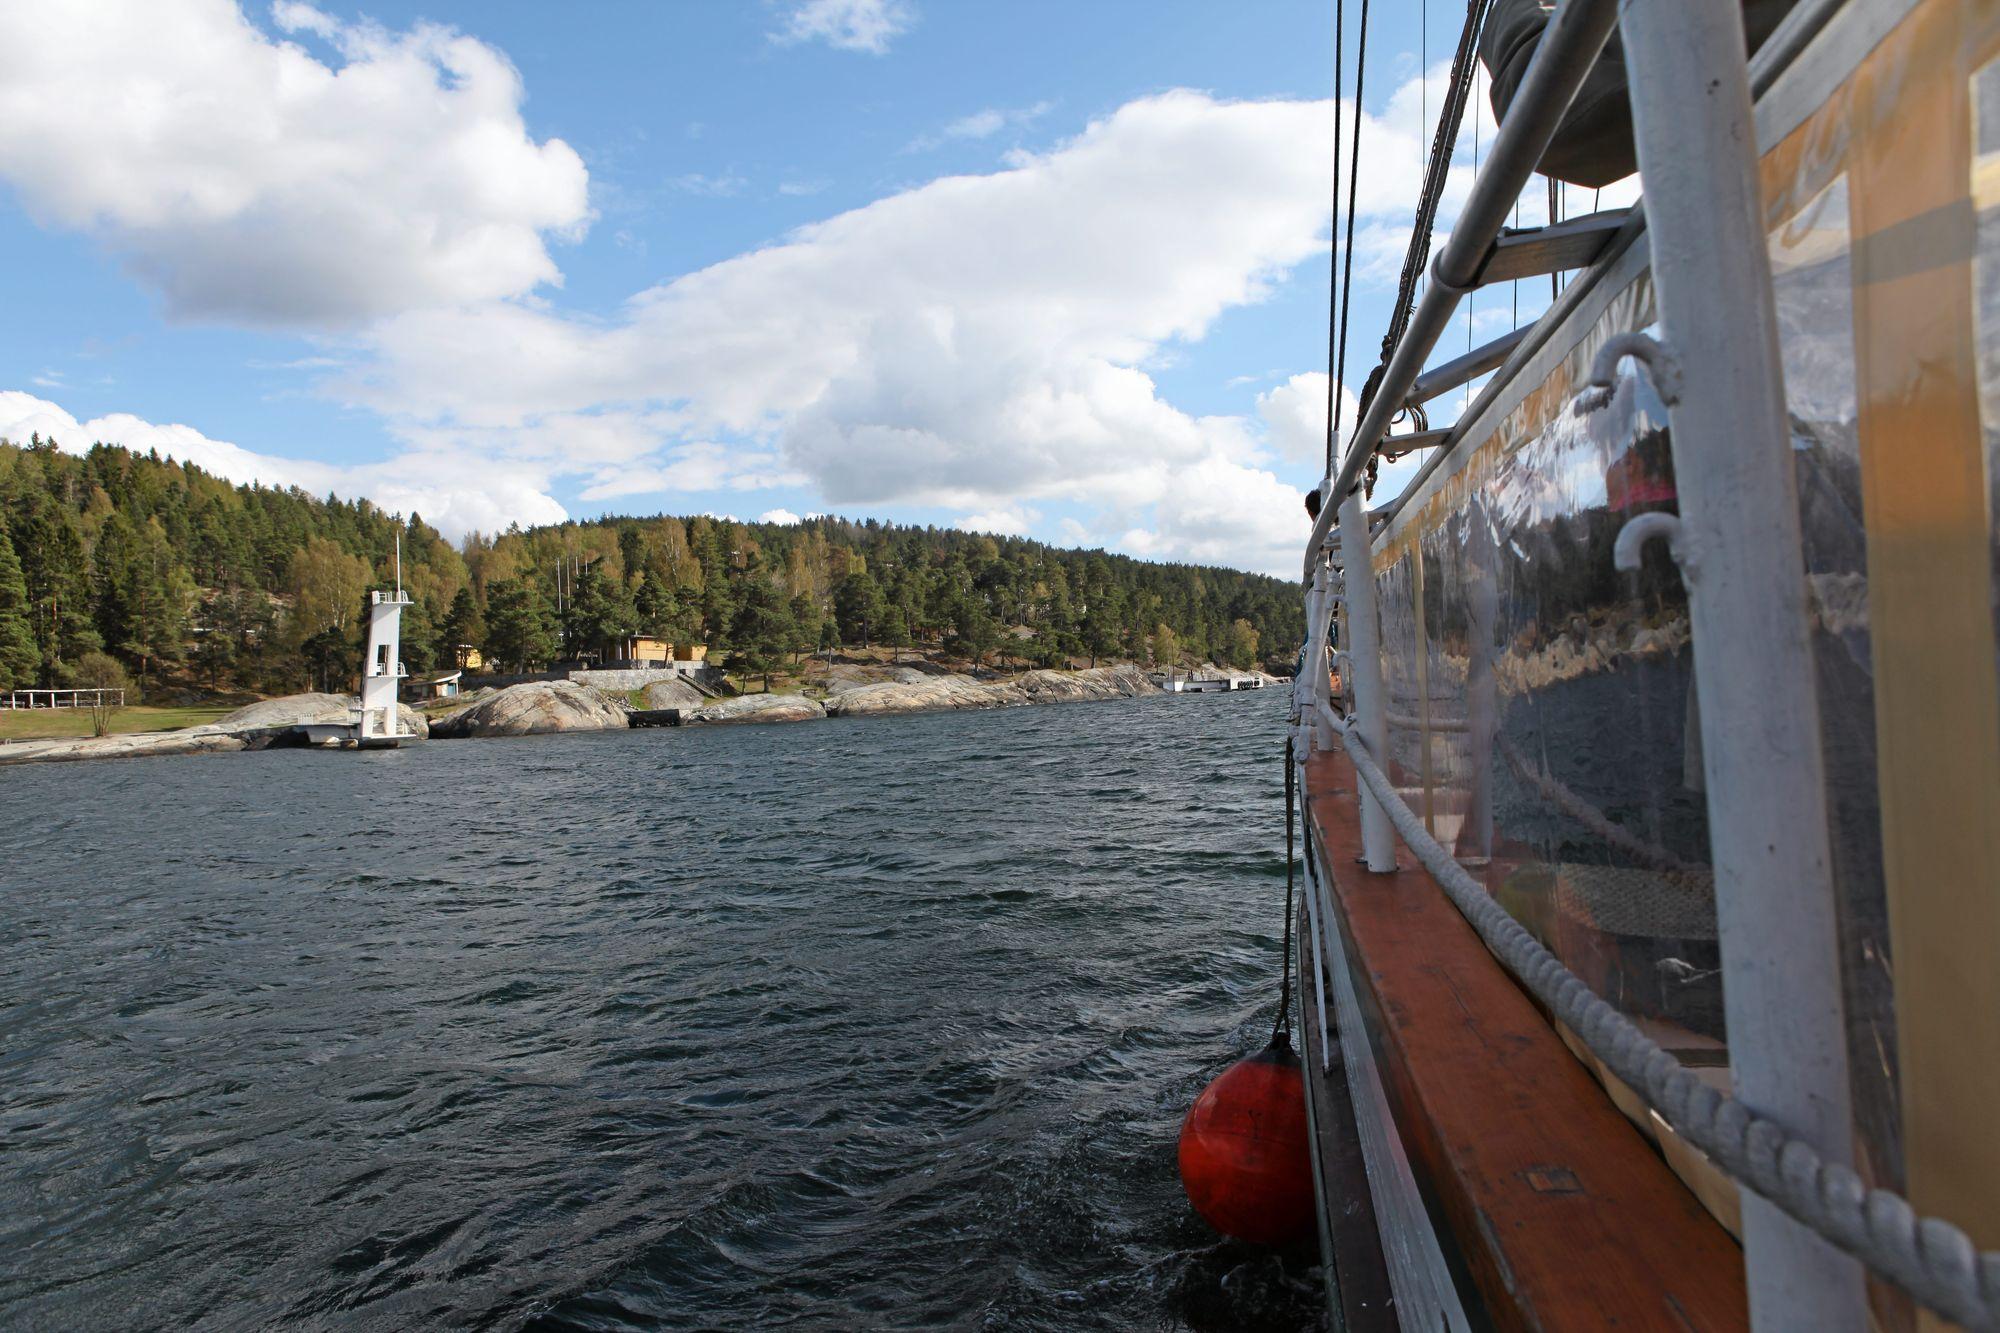 FRA SJØSIDEN: Badebåten er for lengst lagt ned, men har du båt, er det flott å ta sjøveien til Den Hvite Elefant.